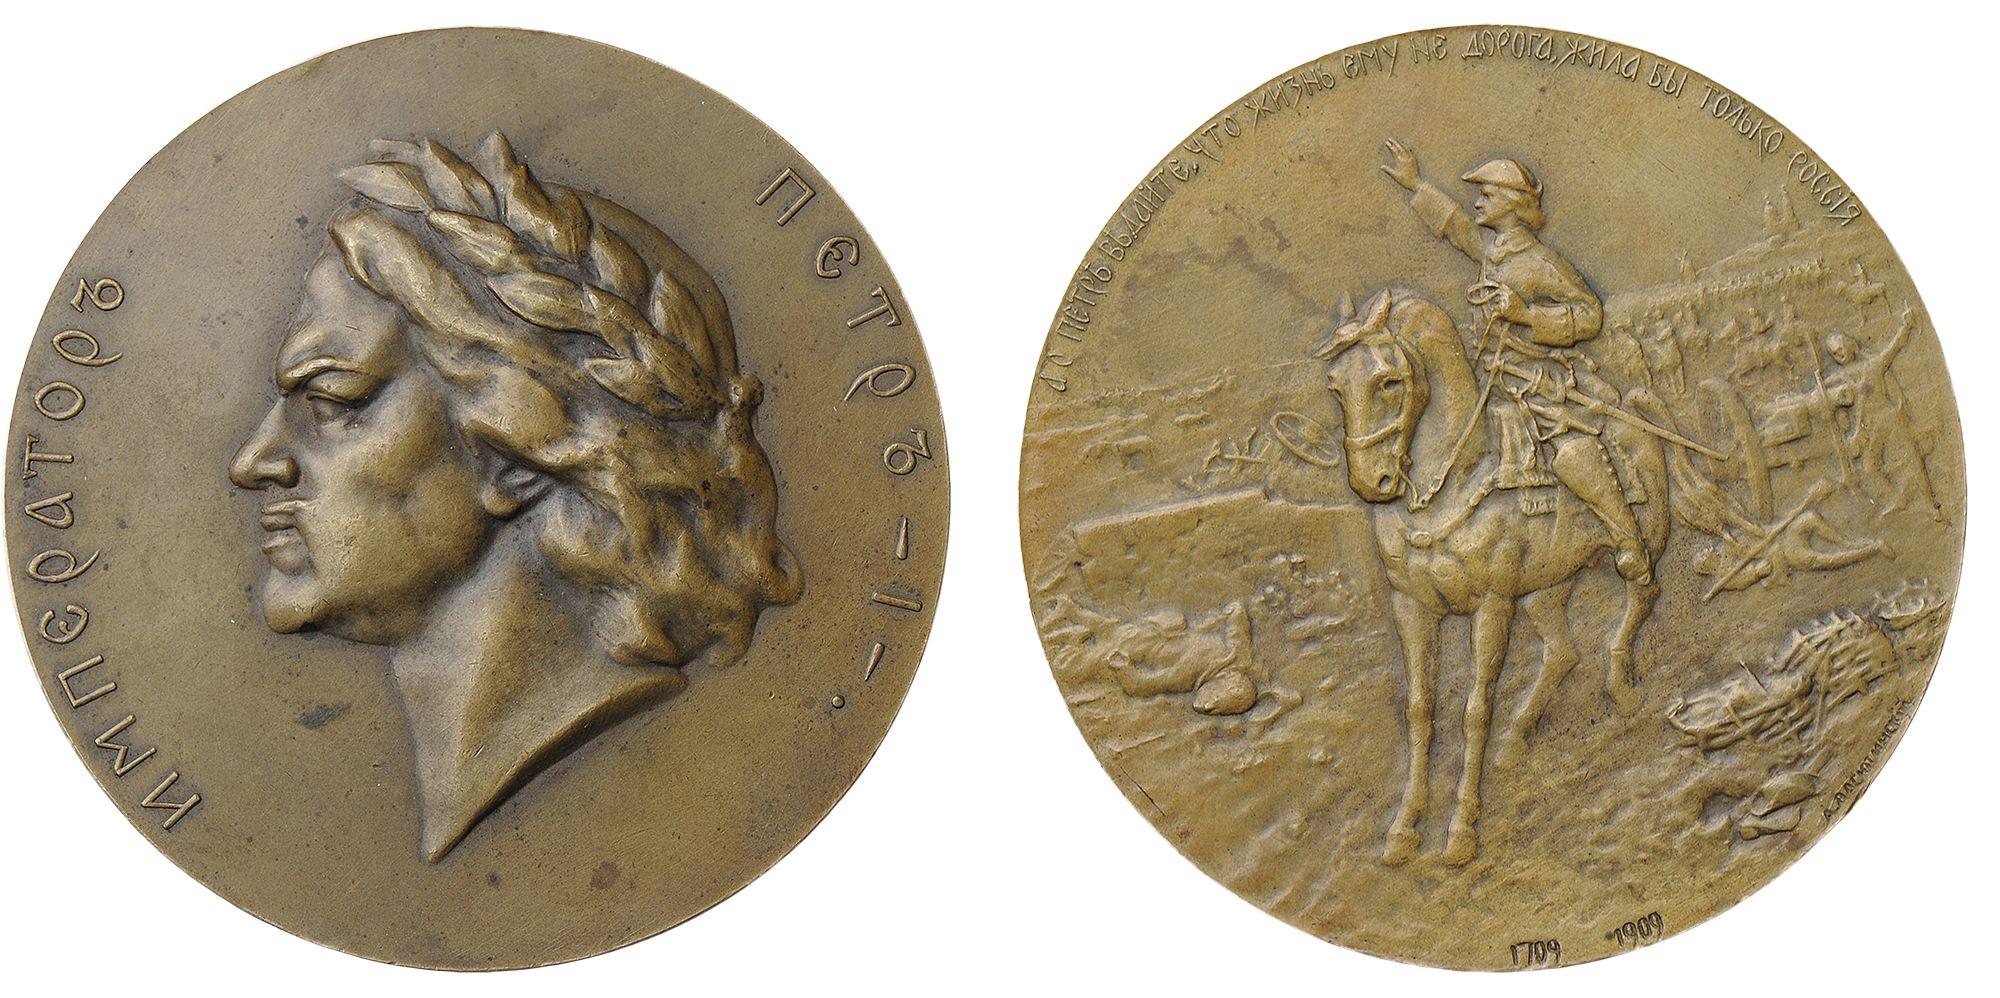 Настольная медаль «В память 200-летия победы при Полтаве. 1709-1909 гг.»